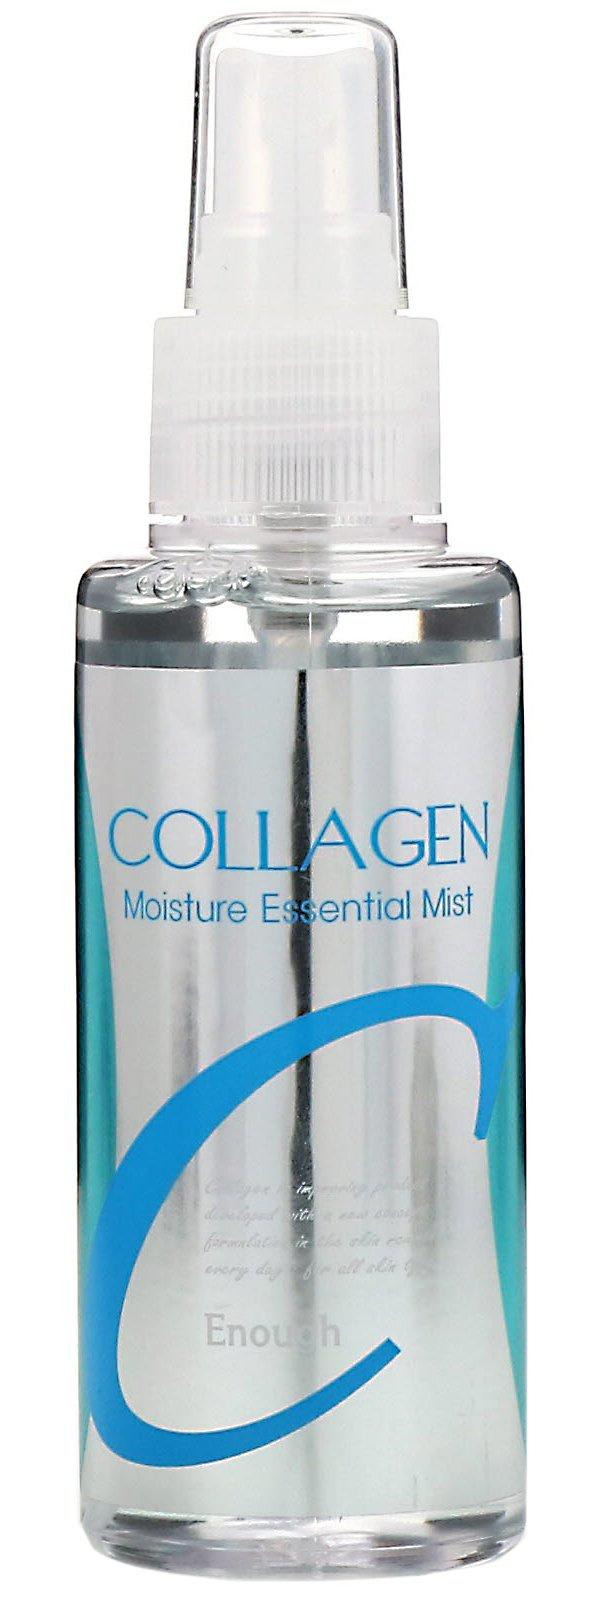 Enough Collagen Moisture Essential Mist